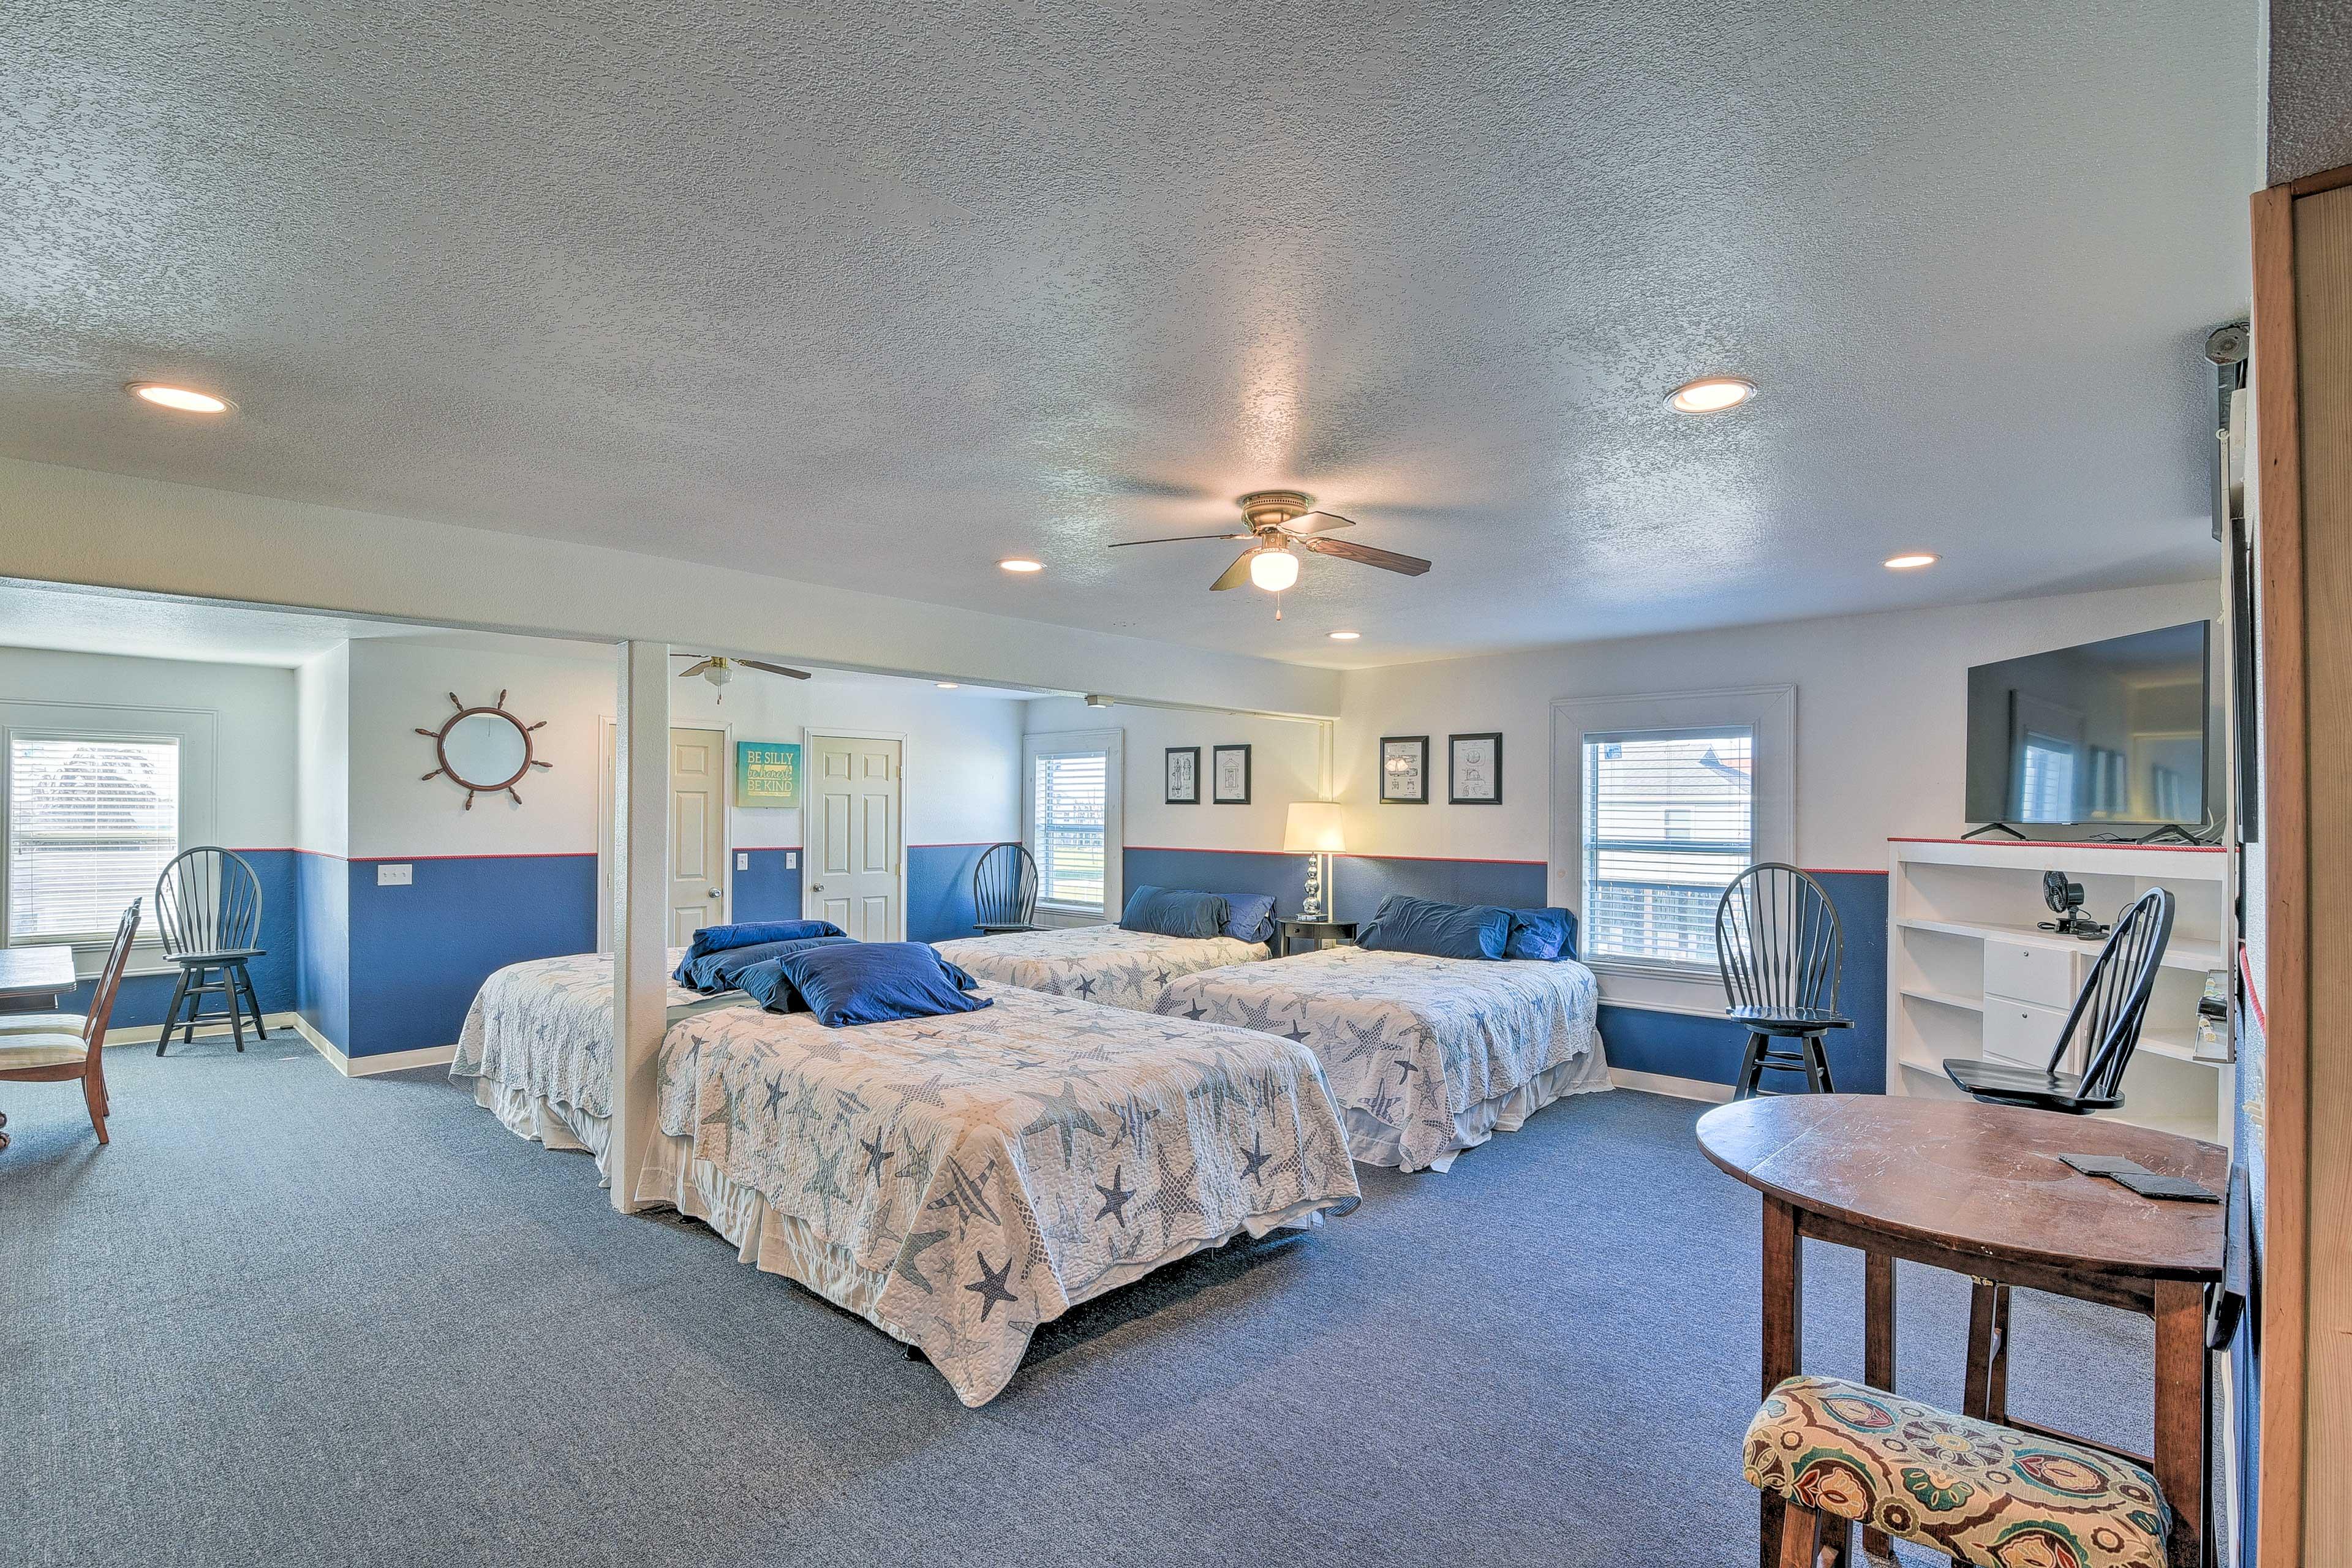 Bedroom 1 & Main Living Area | 4 Queen Beds